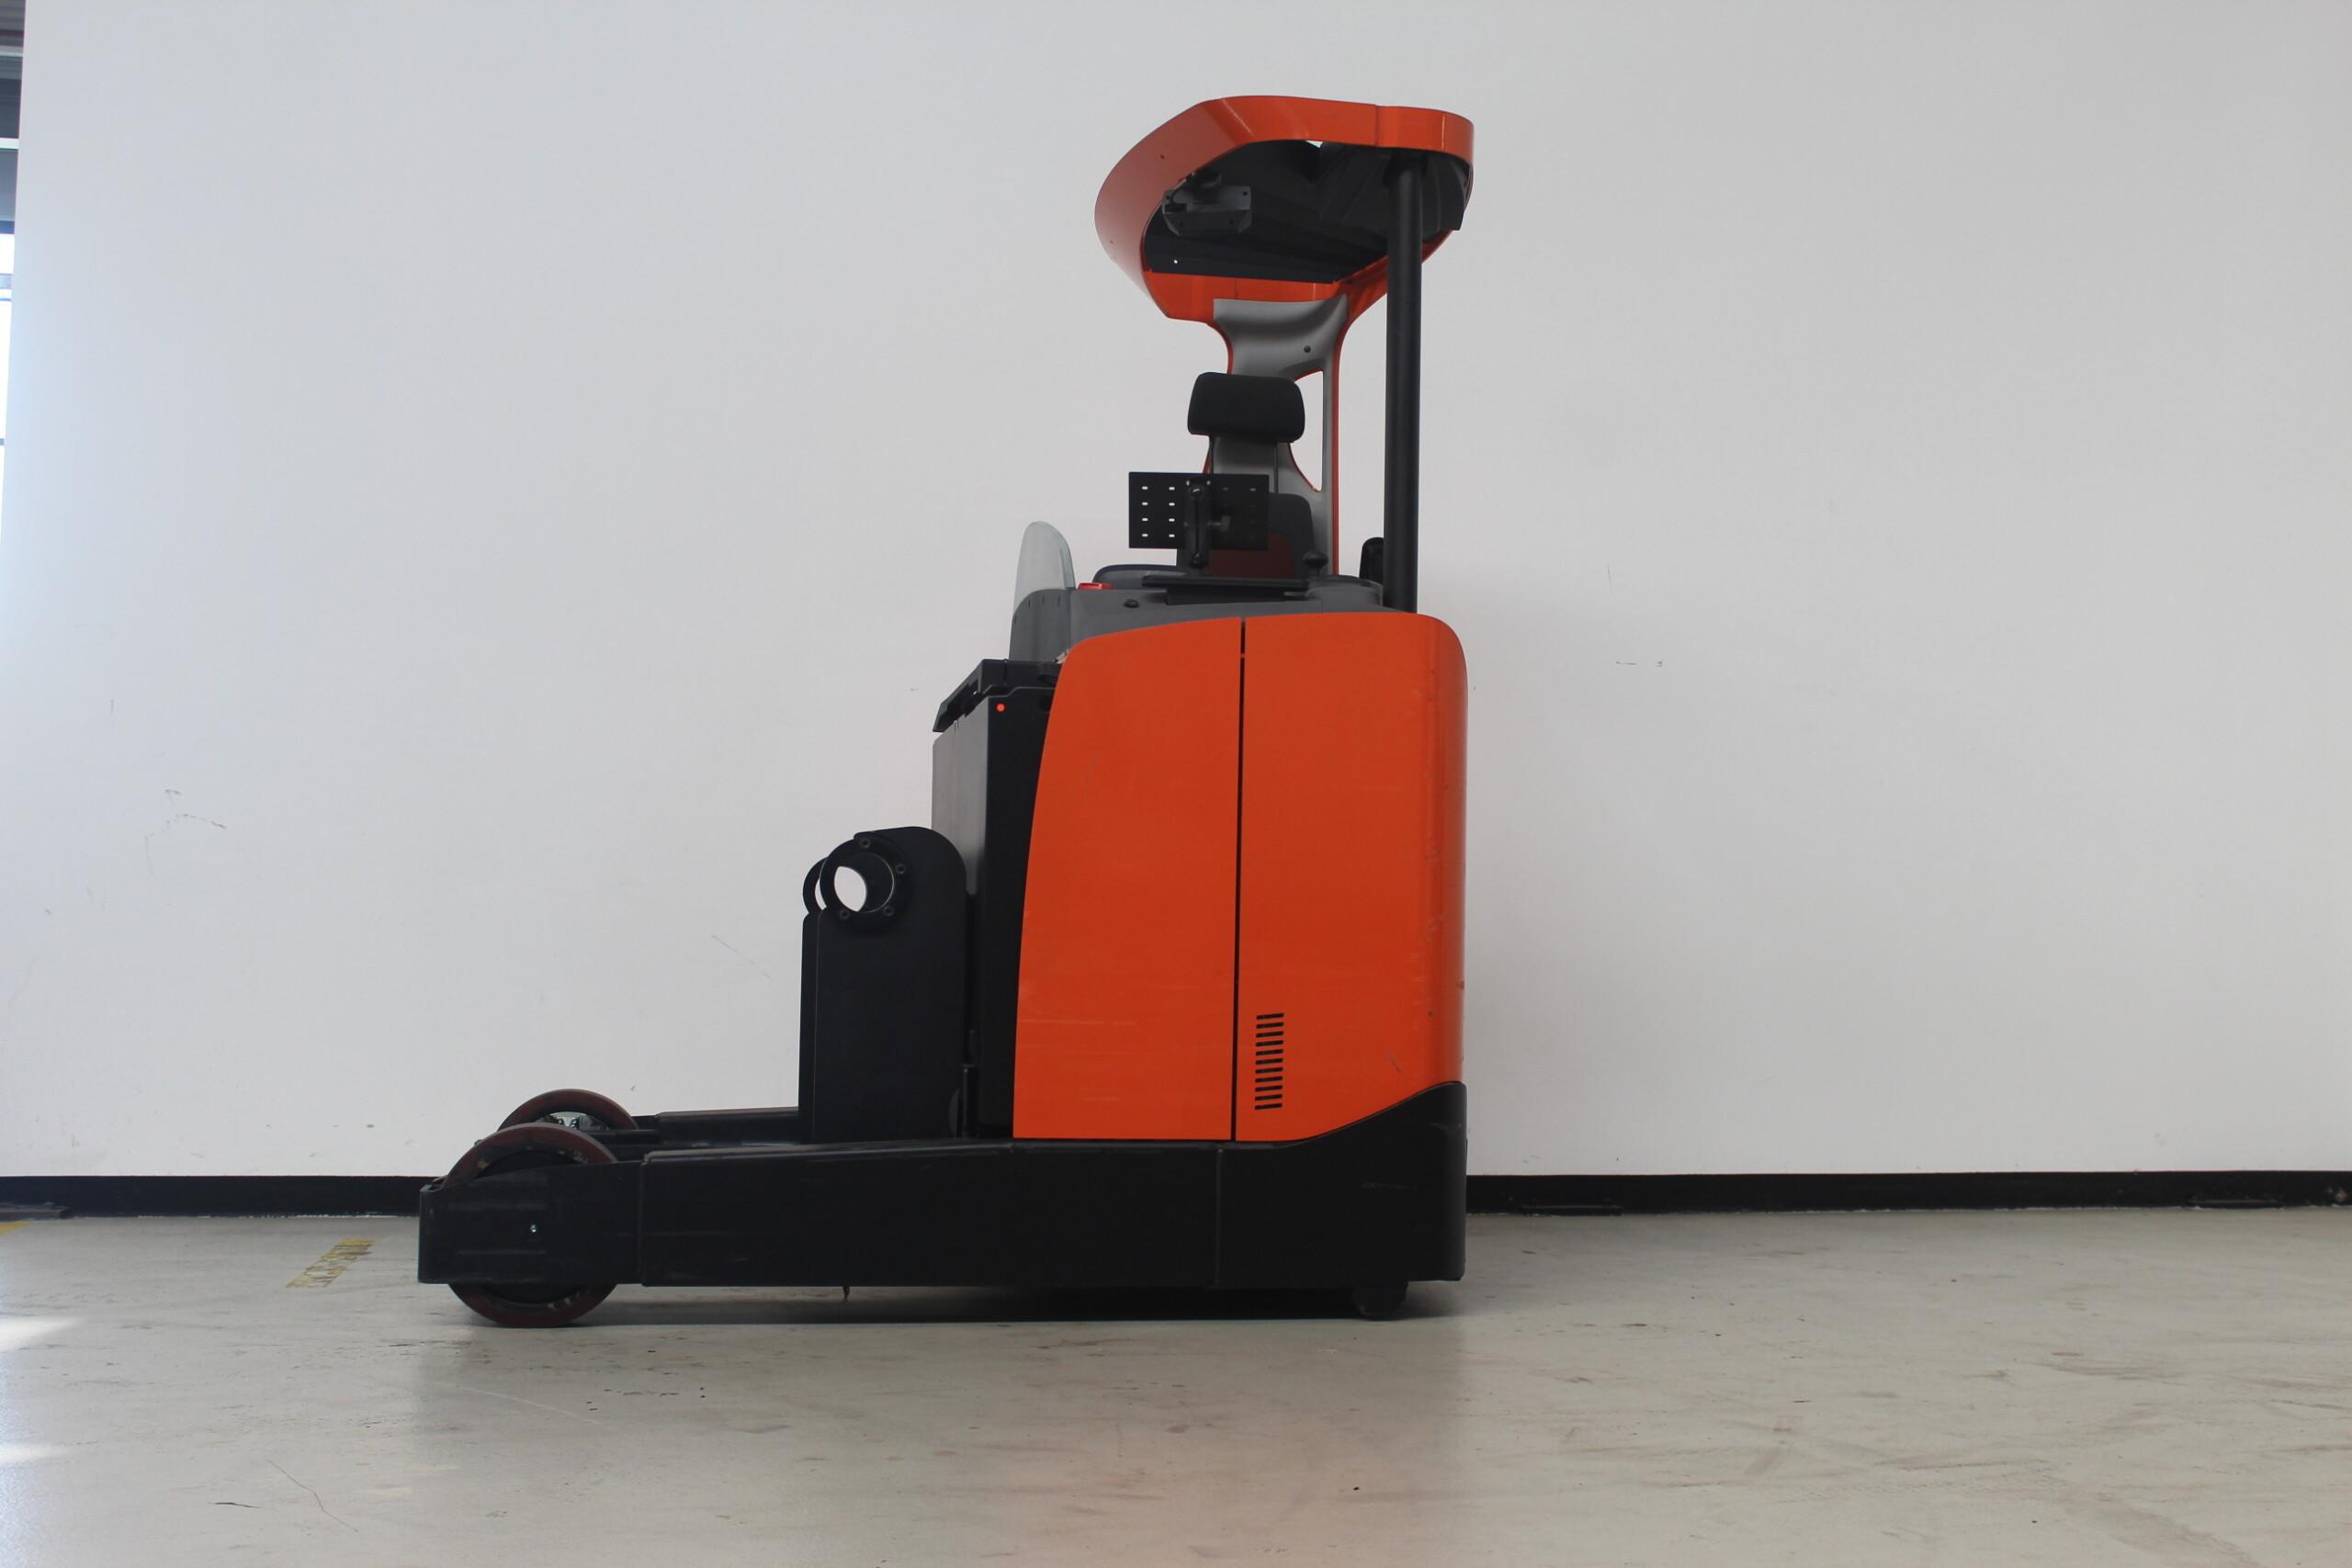 Toyota-Gabelstapler-59840 1705041009 1 26 scaled